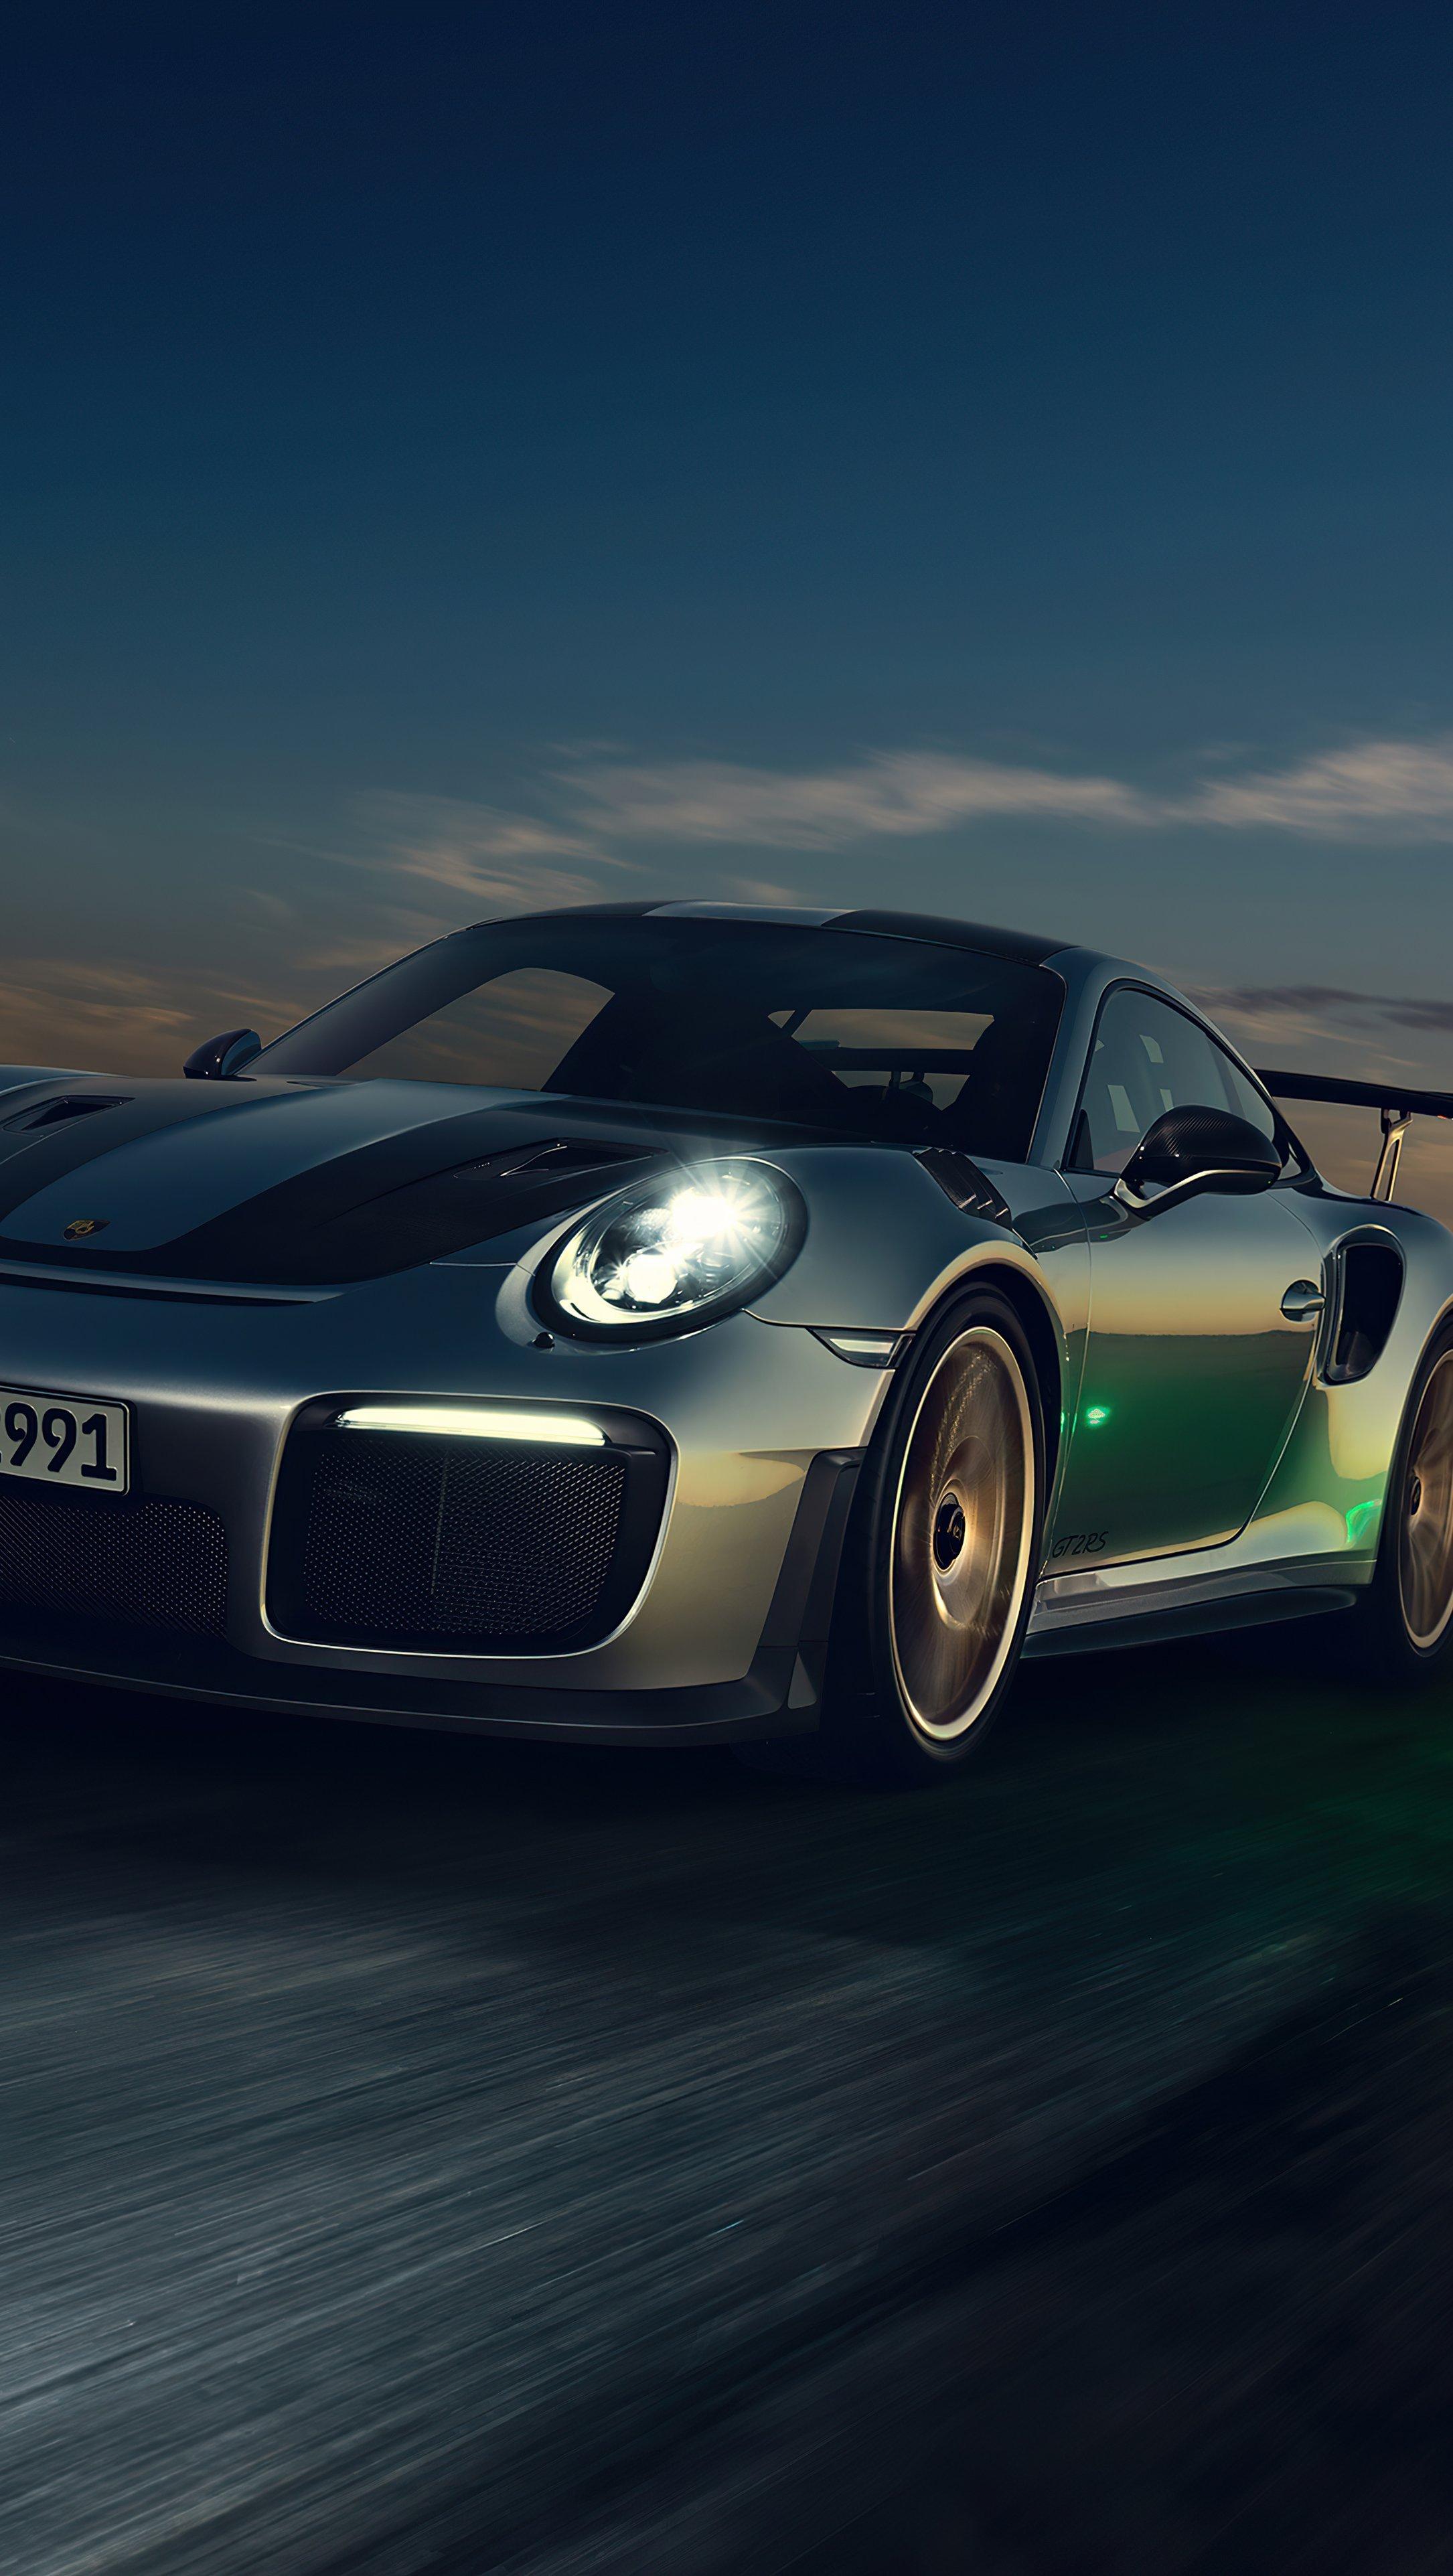 Fondos de pantalla Porsche GT2 Vertical